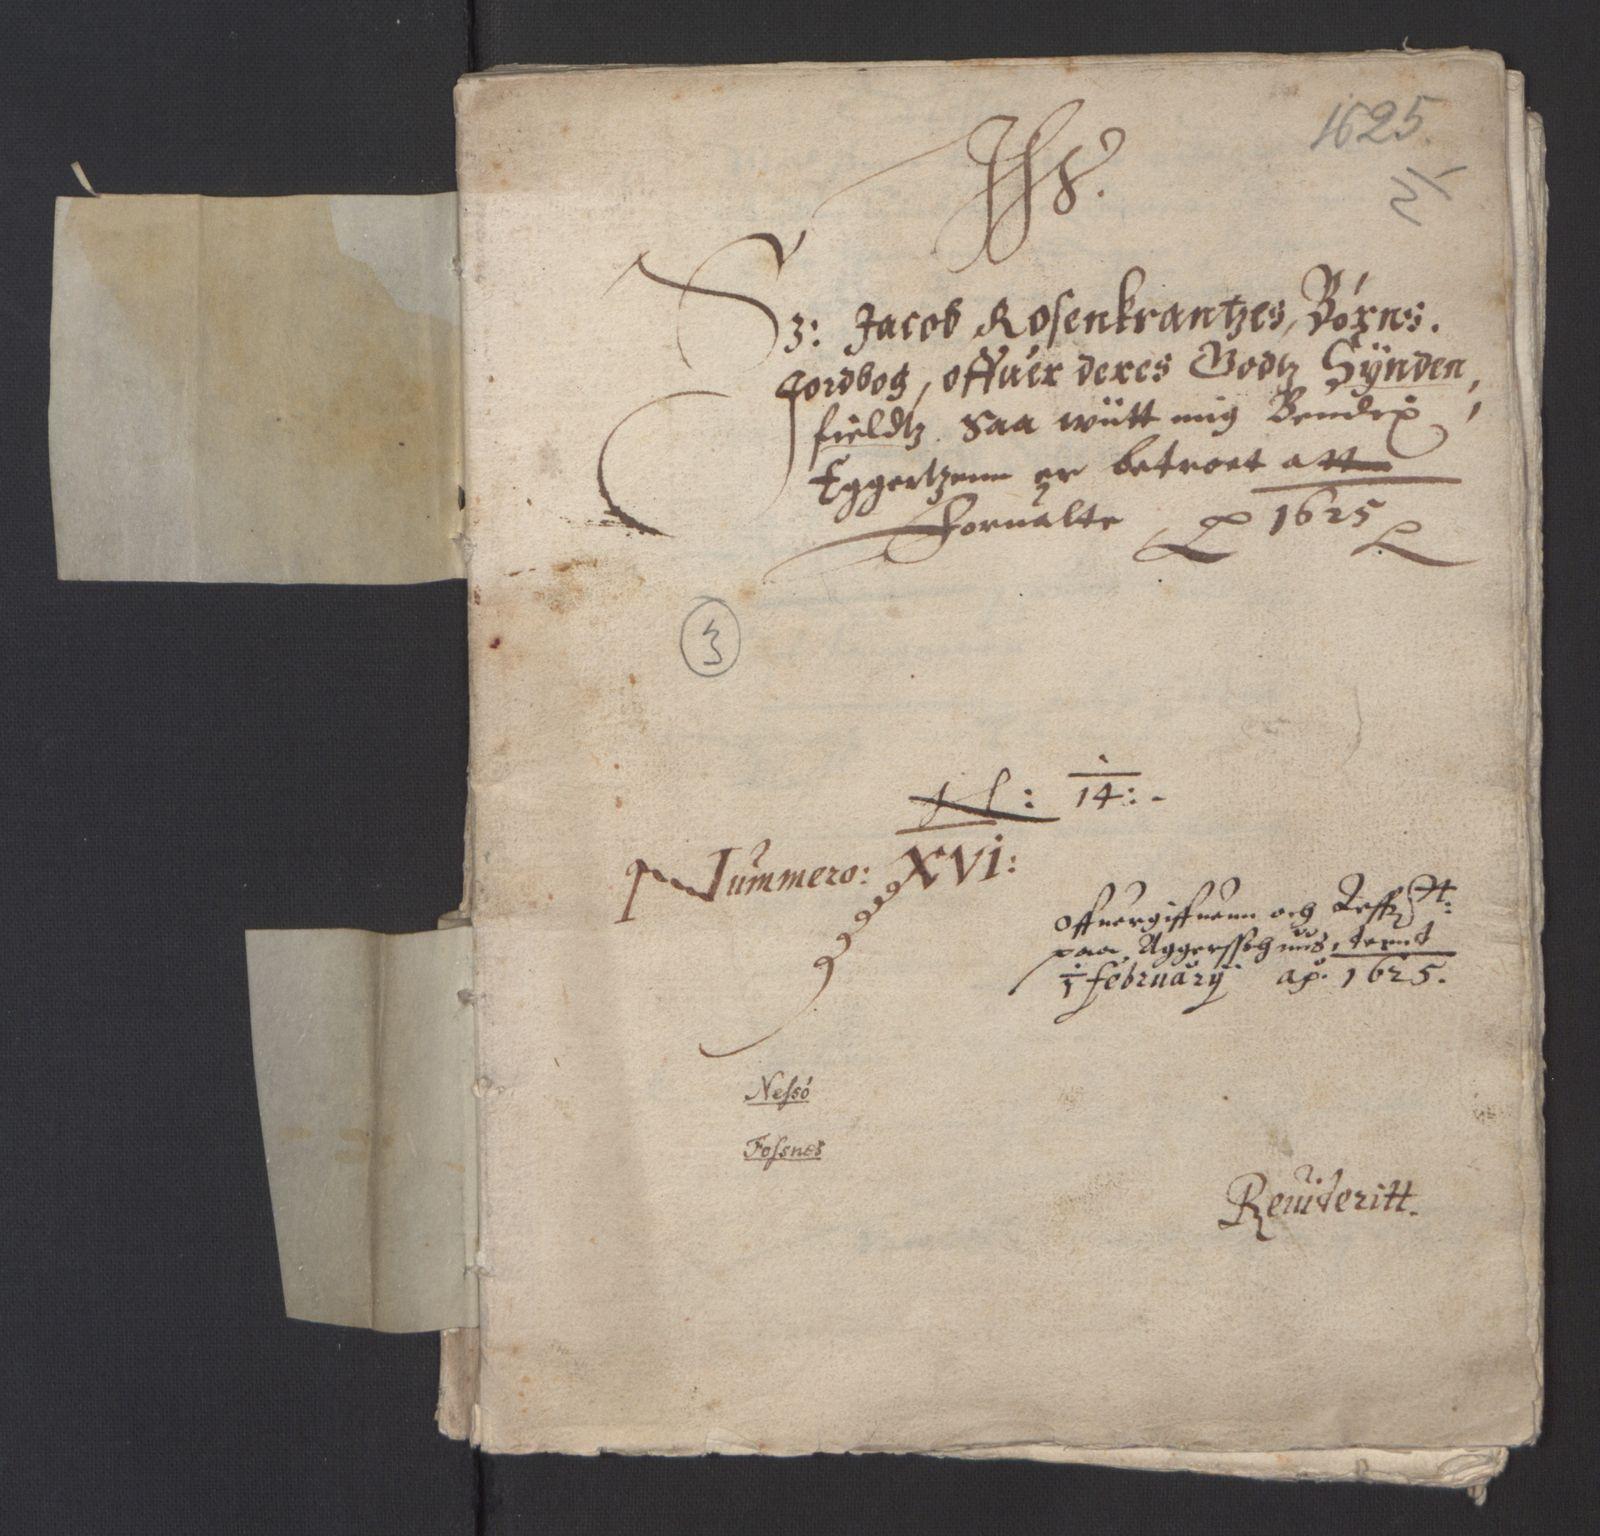 RA, Stattholderembetet 1572-1771, Ek/L0007: Jordebøker til utlikning av rosstjeneste 1624-1626:, 1624-1625, s. 369